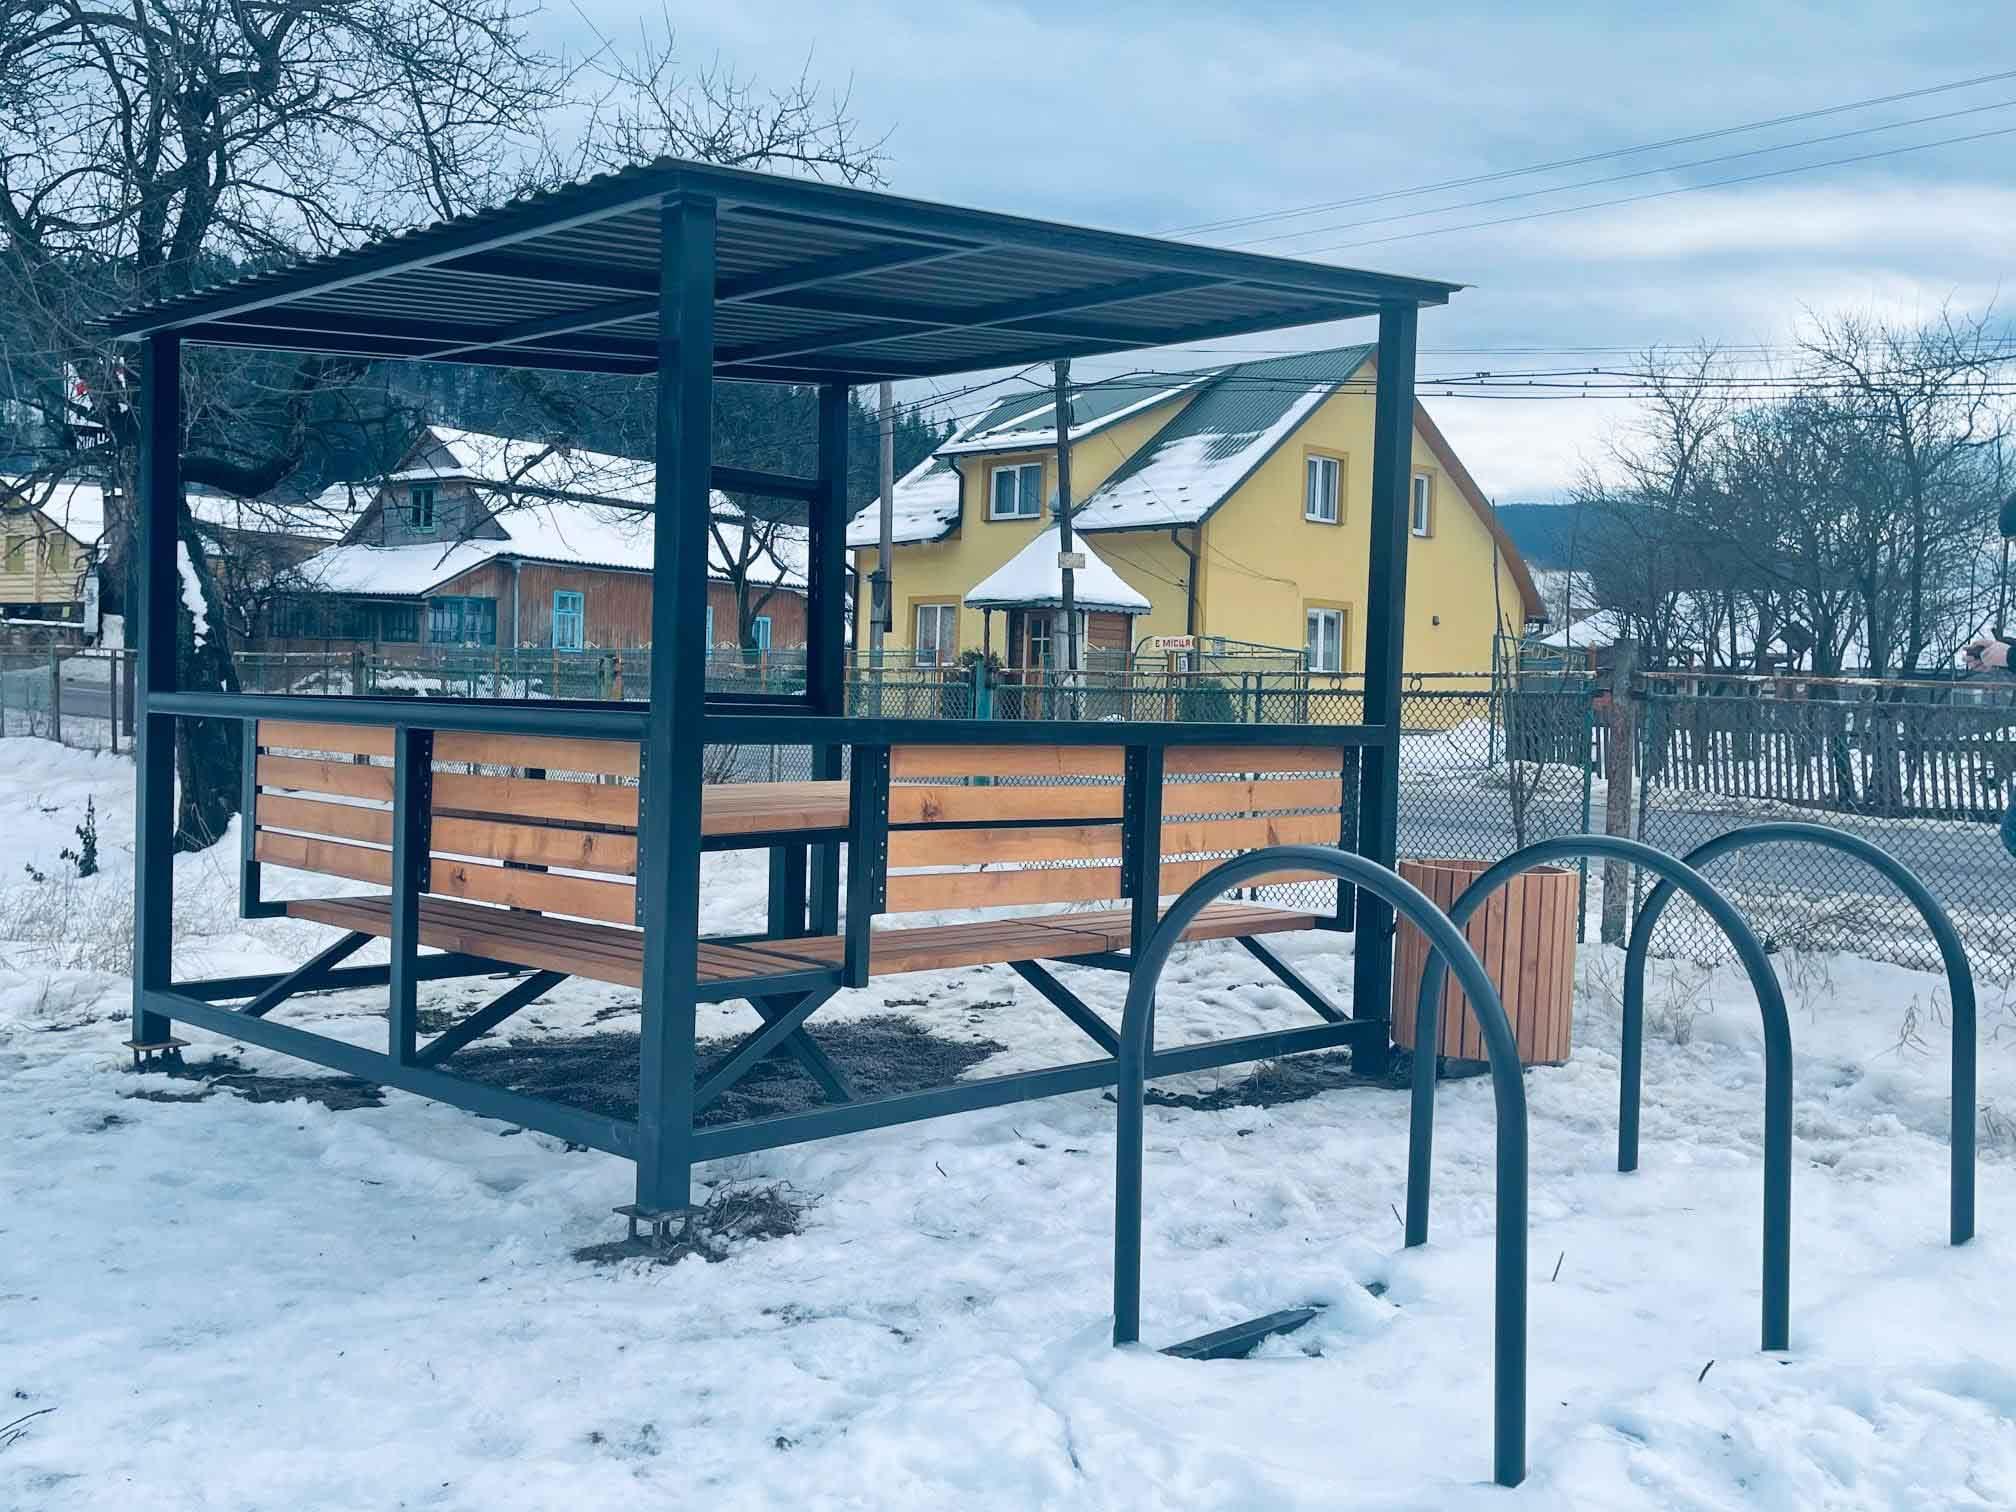 Сучасну велозупинку встановили у Татарові (ФОТО)